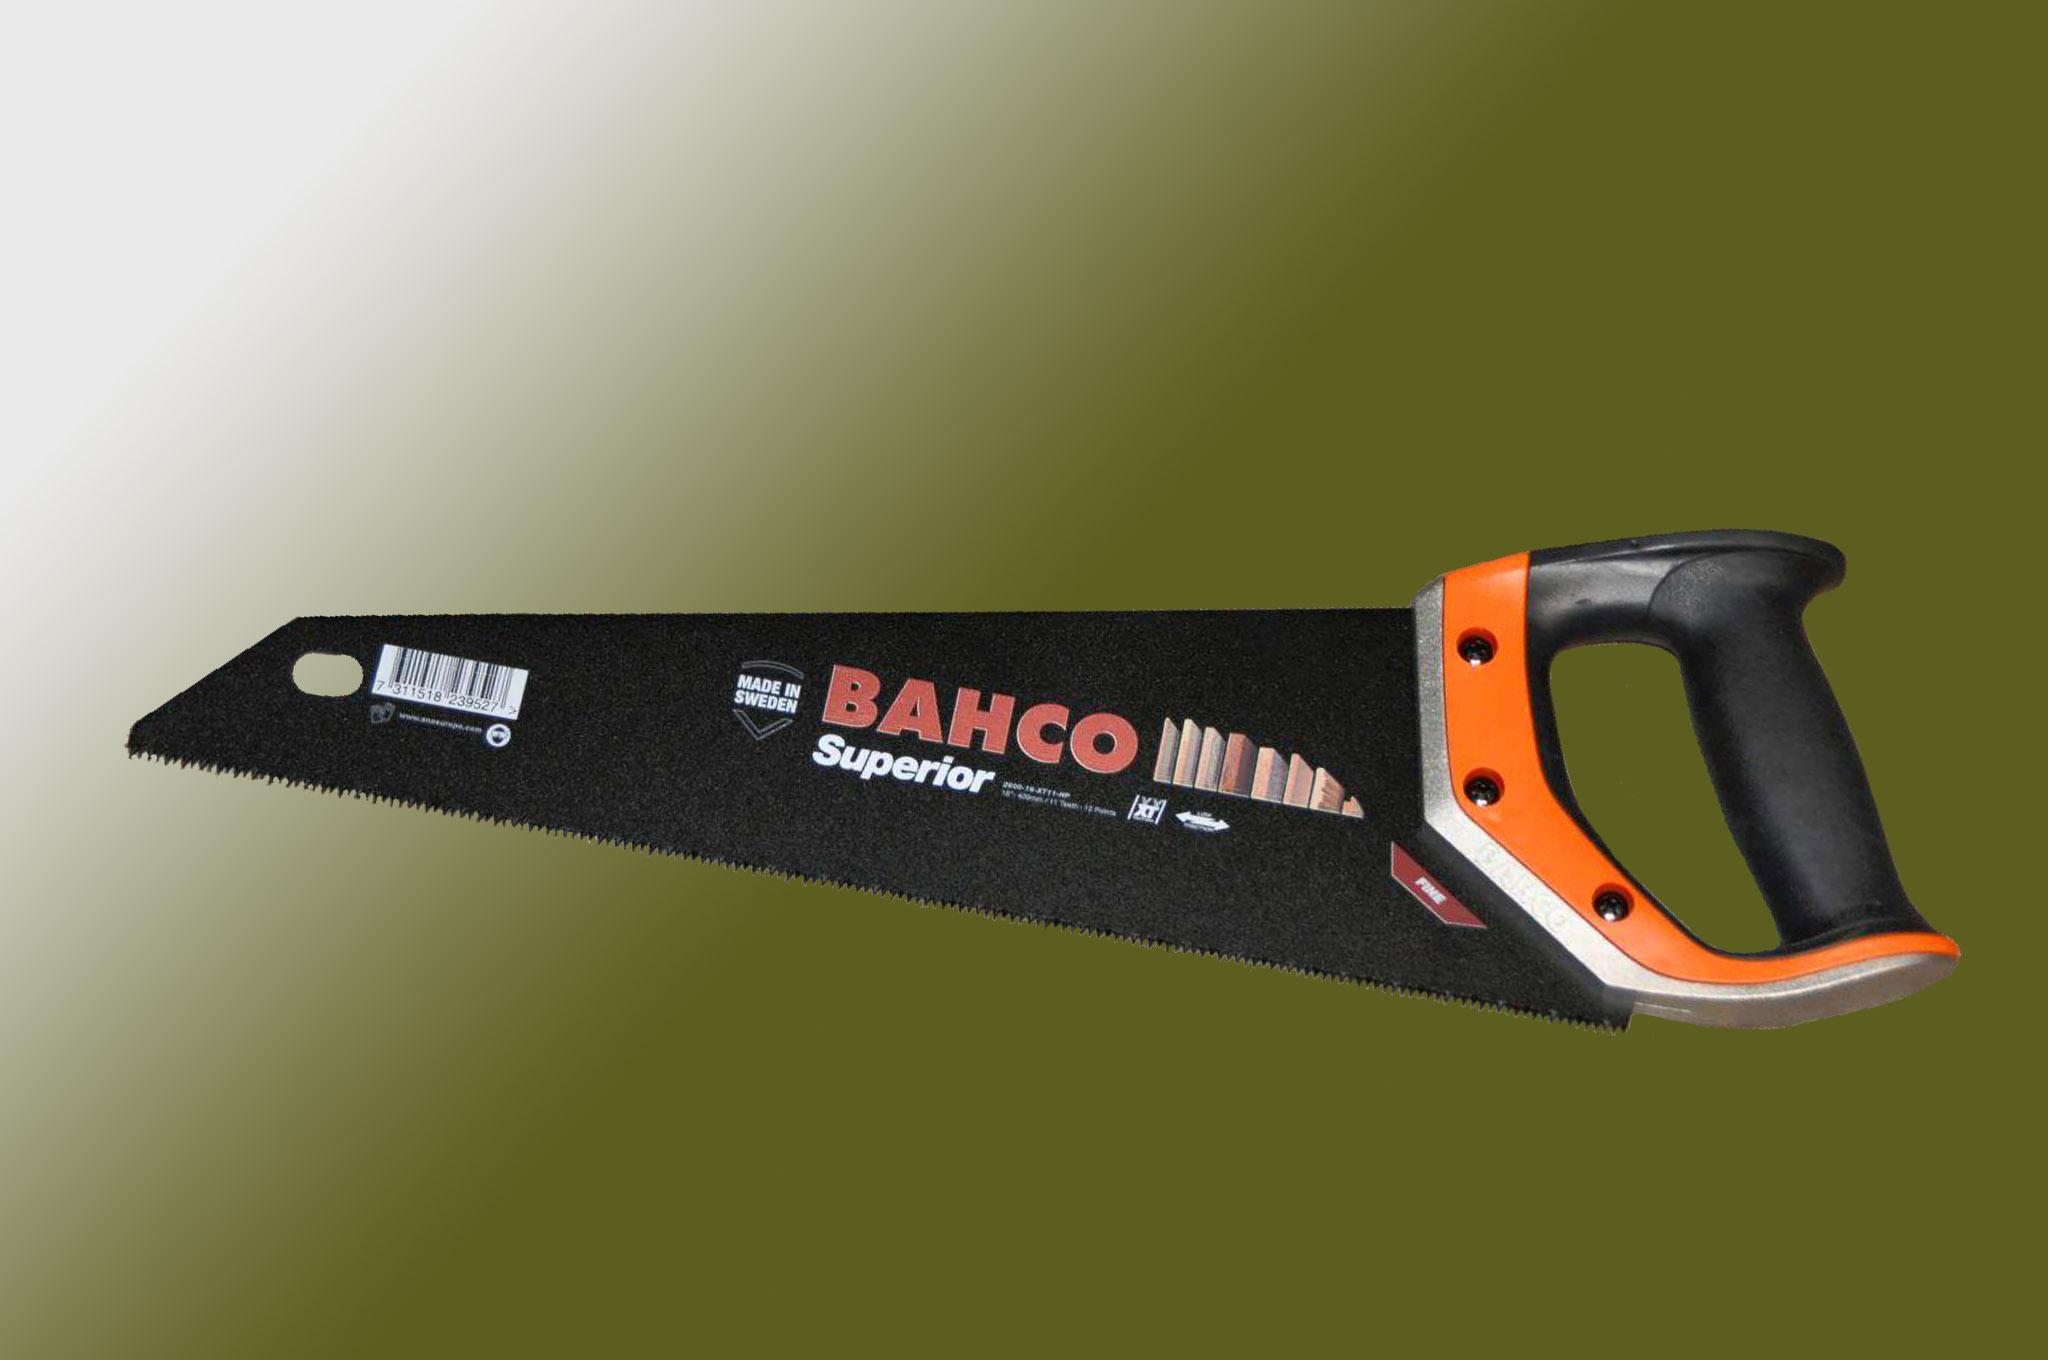 Bahco Superior 2600 16 Xt11 Hp